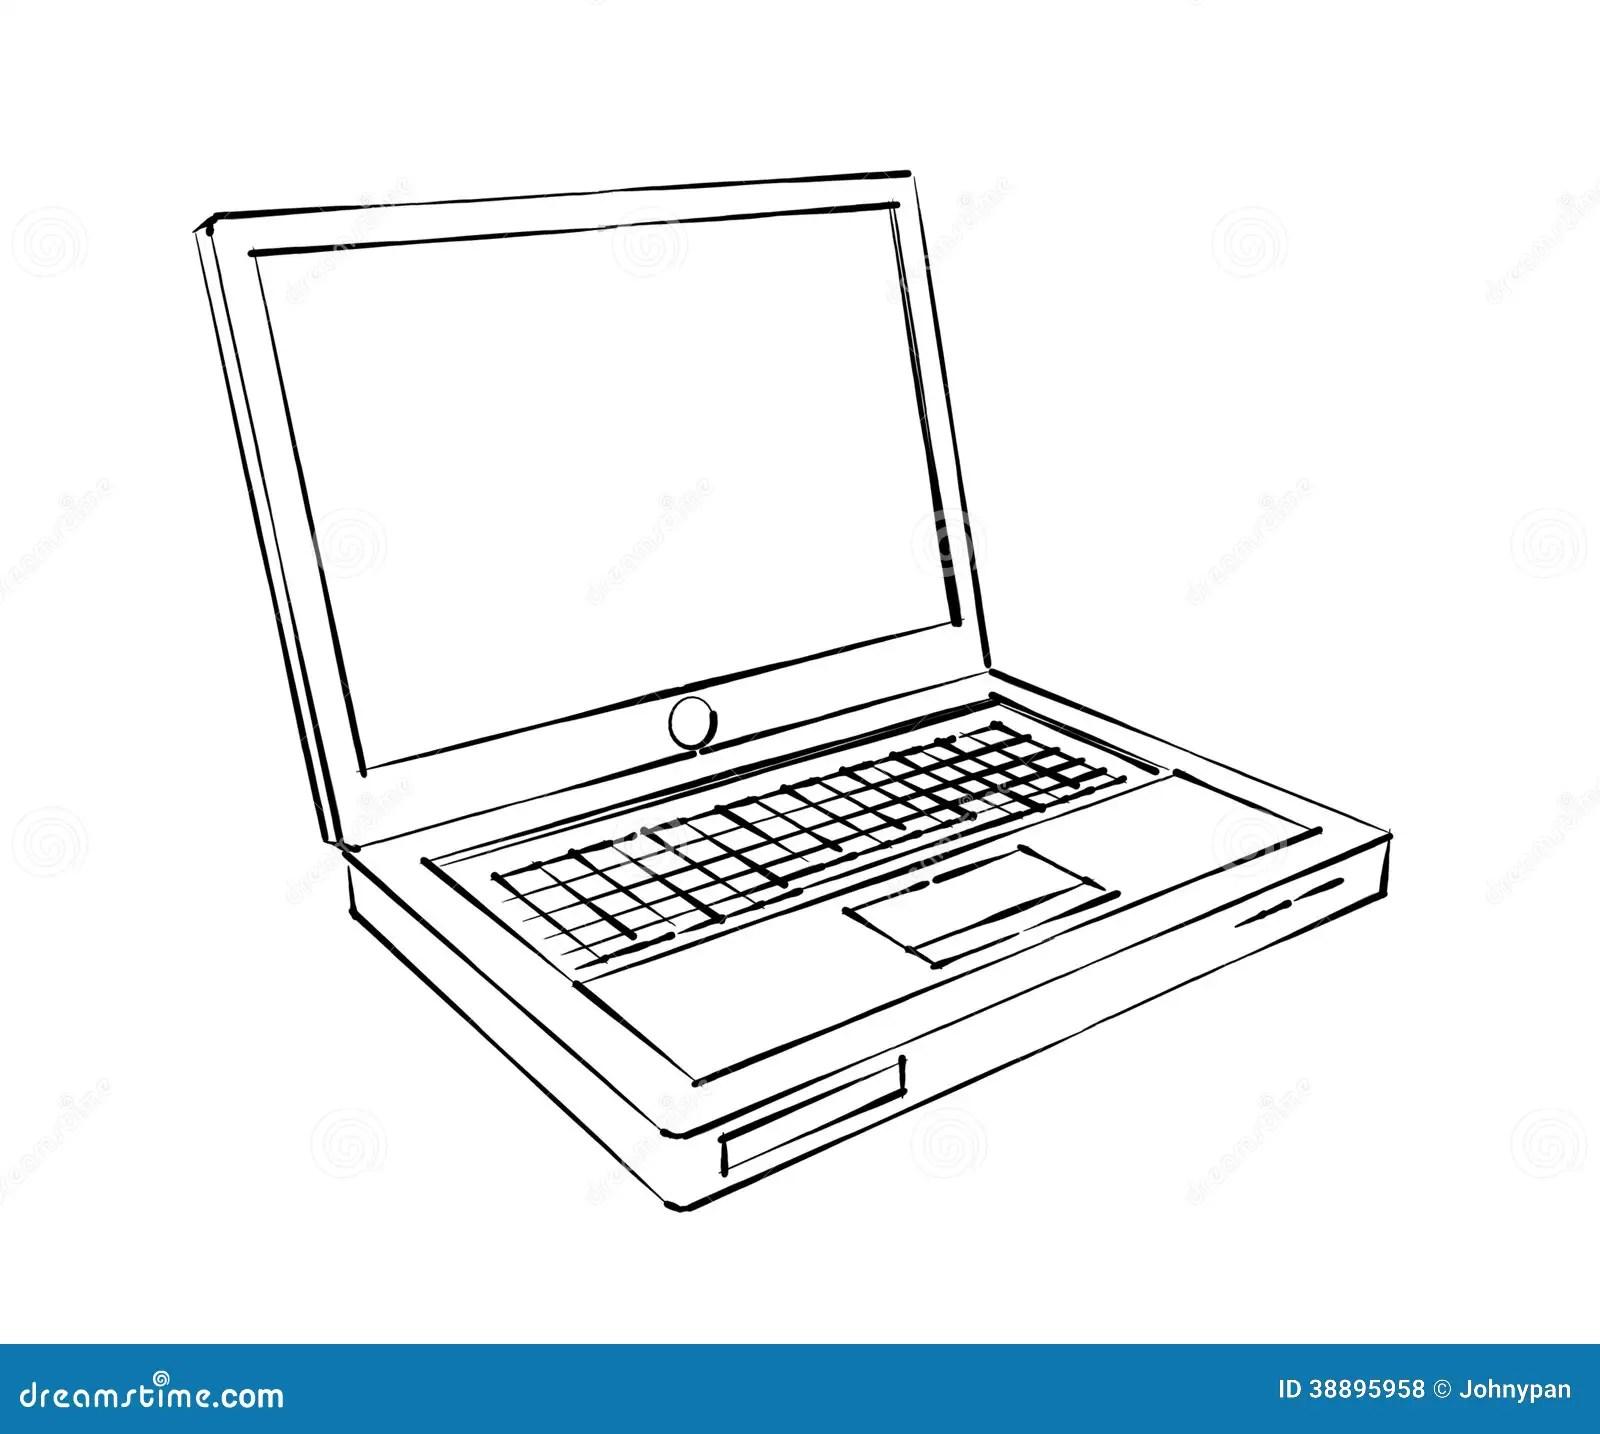 Laptop Monitor Plug Types